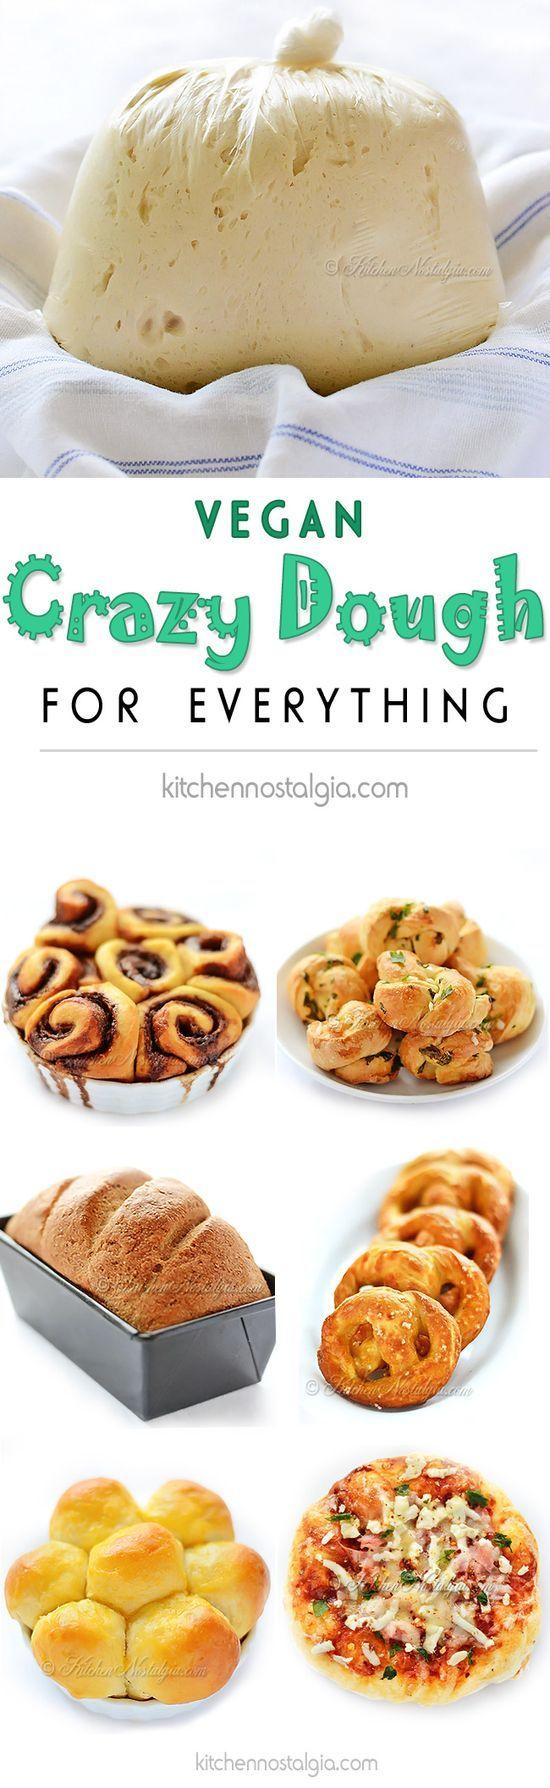 Vegan dough